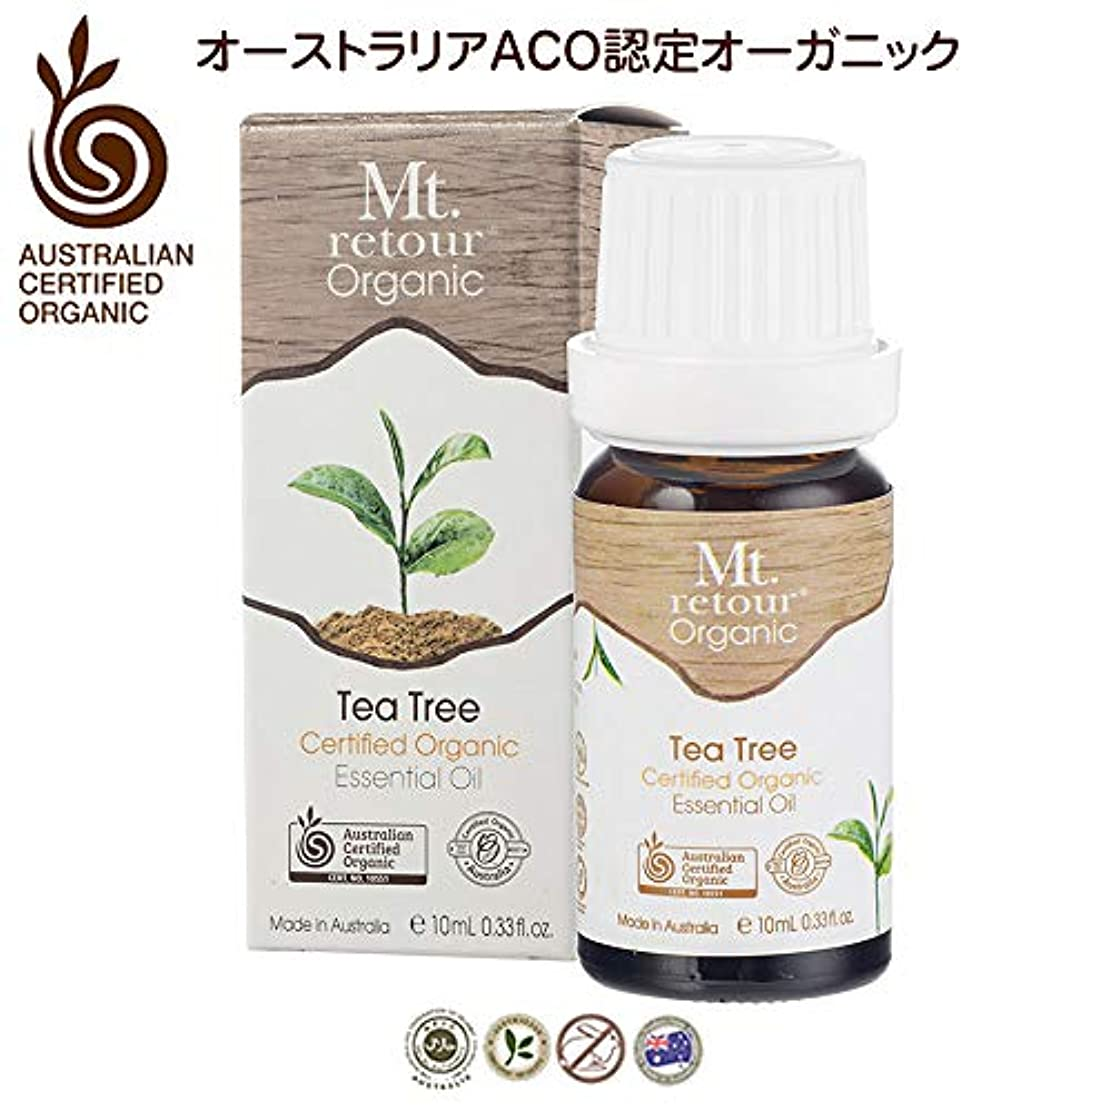 寄託特異なもっともらしいMt. retour ACO認定オーガニック ティーツリー 10ml エッセンシャルオイル(無農薬有機)アロマ